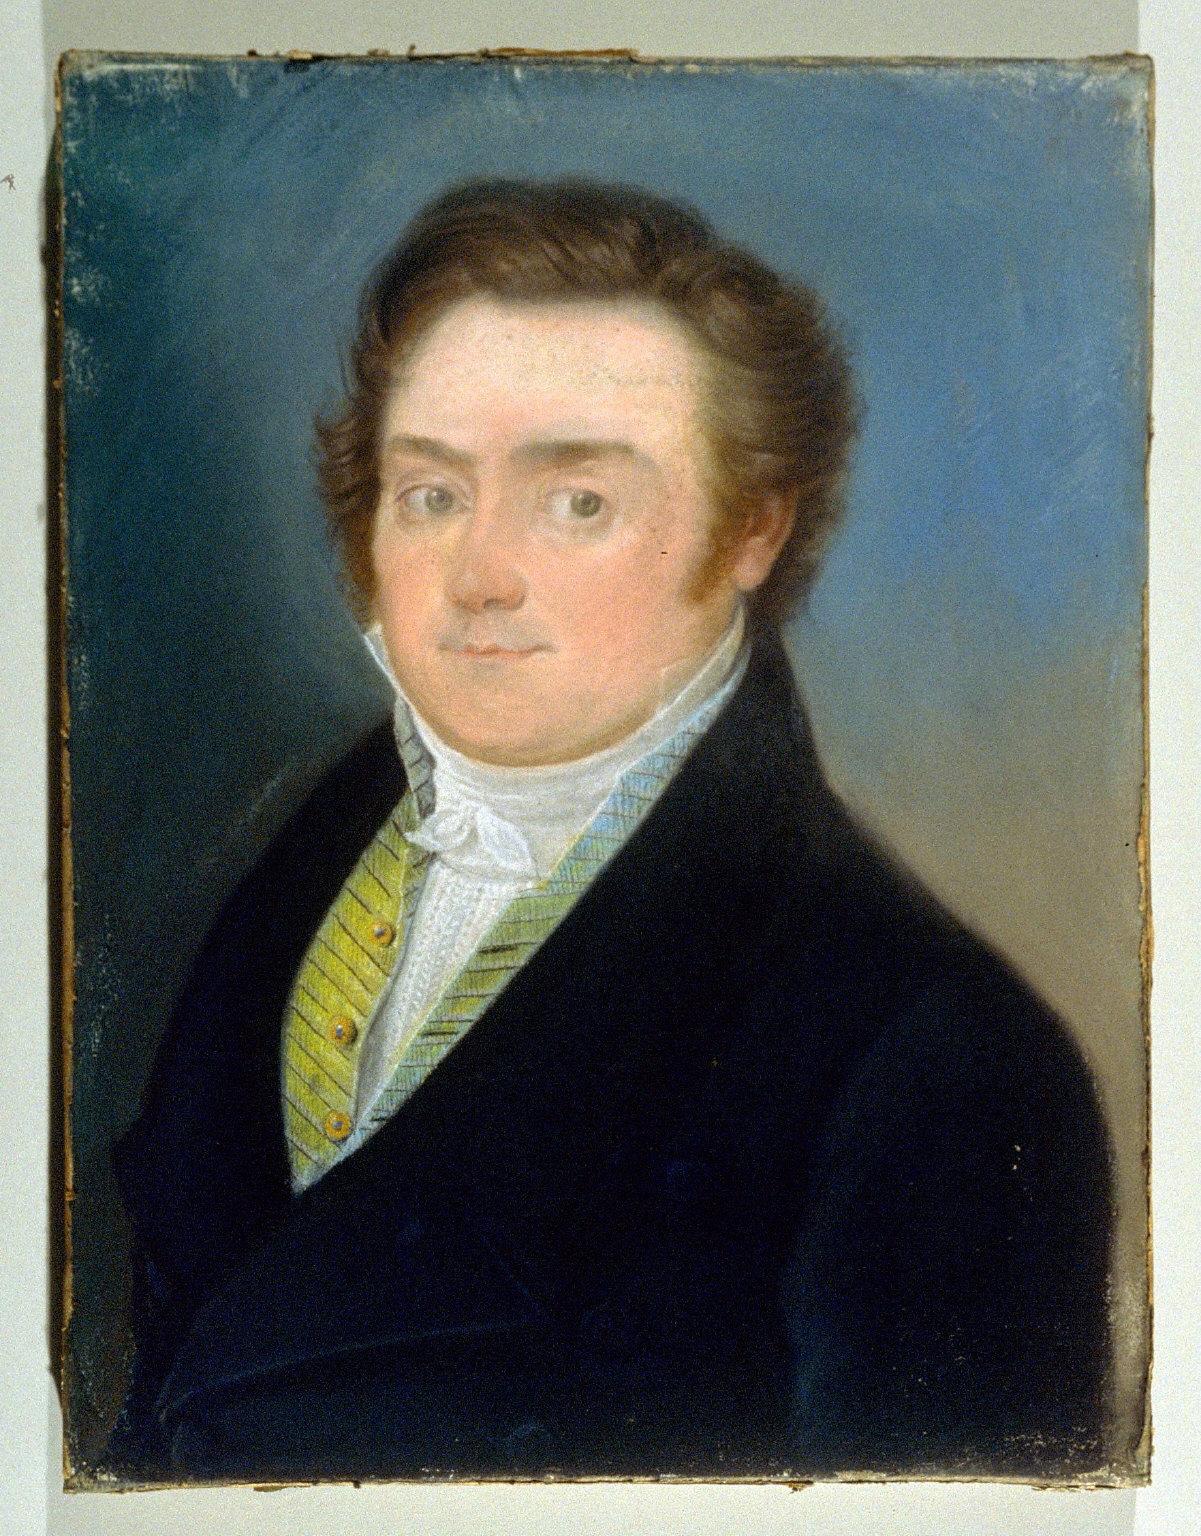 Portrait of Dr. Lewis Hoeffer (d. 30 Aug. 1849)